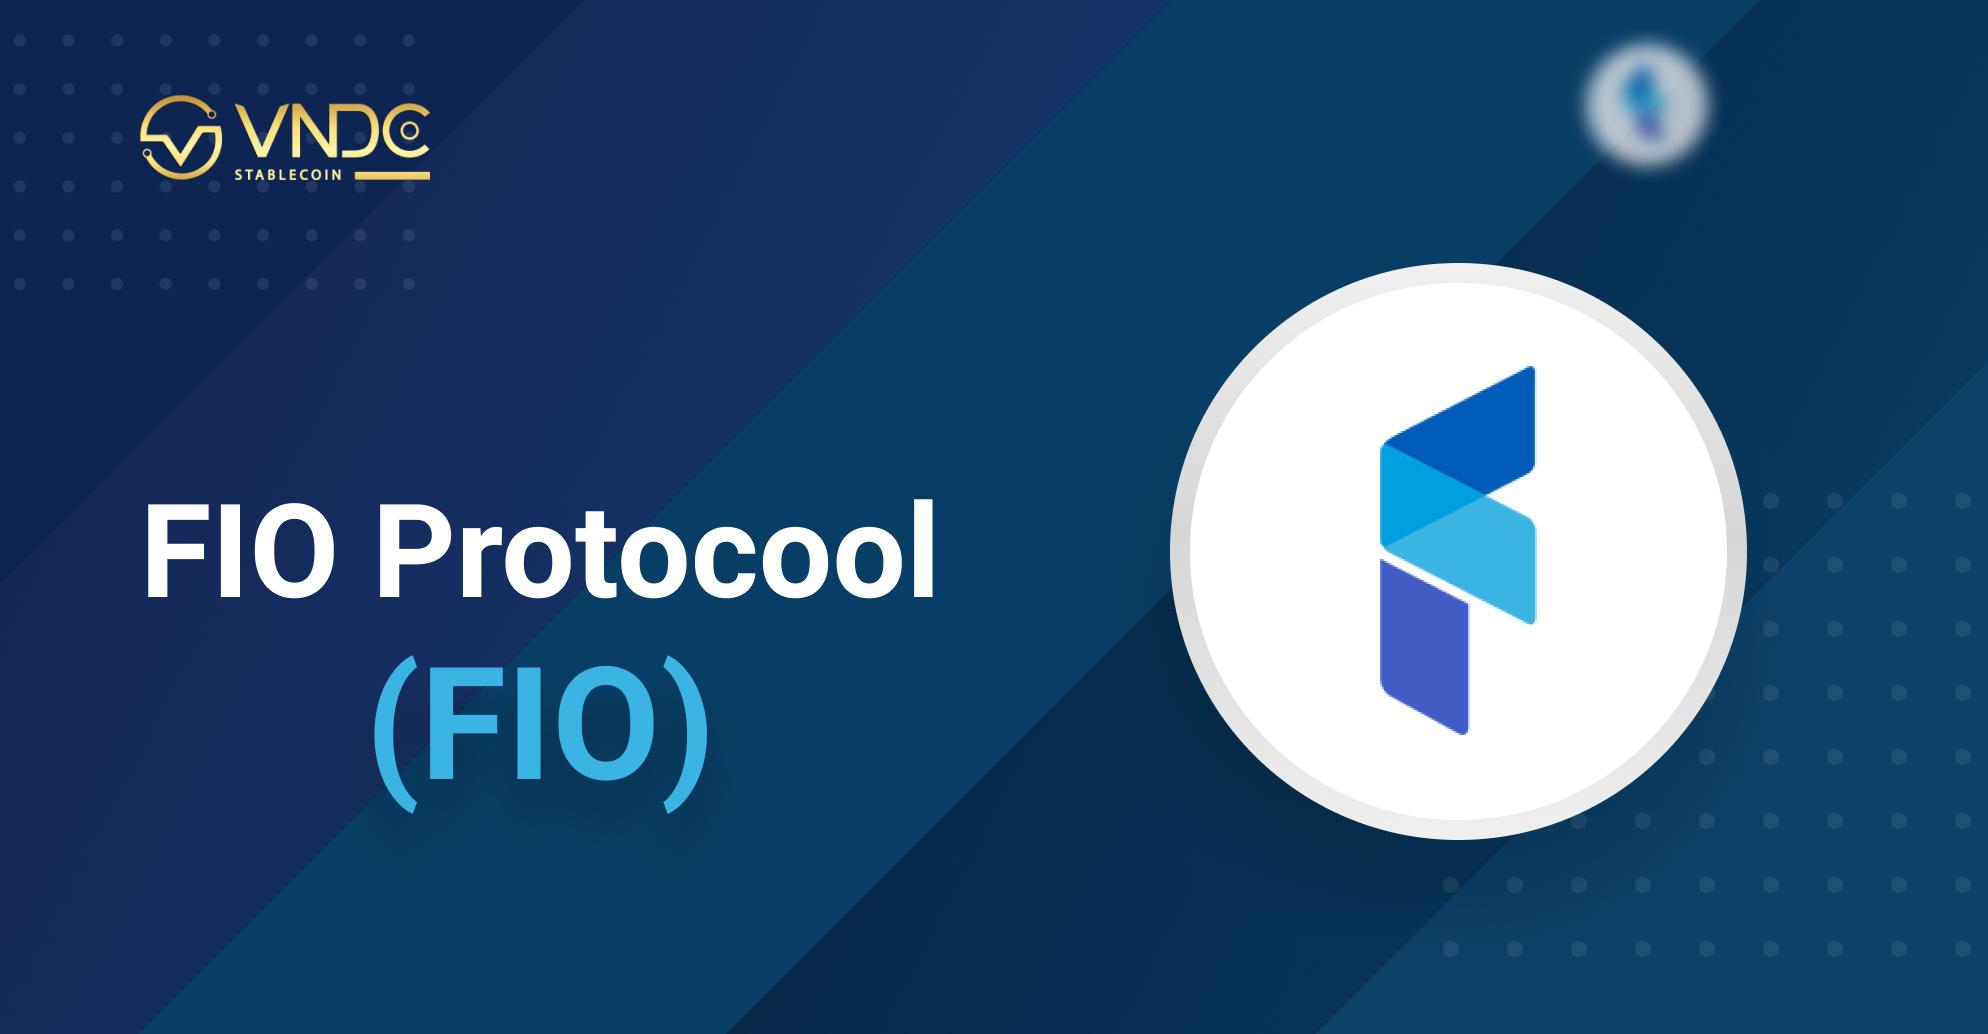 Chính thức niêm yết FIO Protocol Token (FIO) trên VNDC Wallet hôm nay 12/05/2021